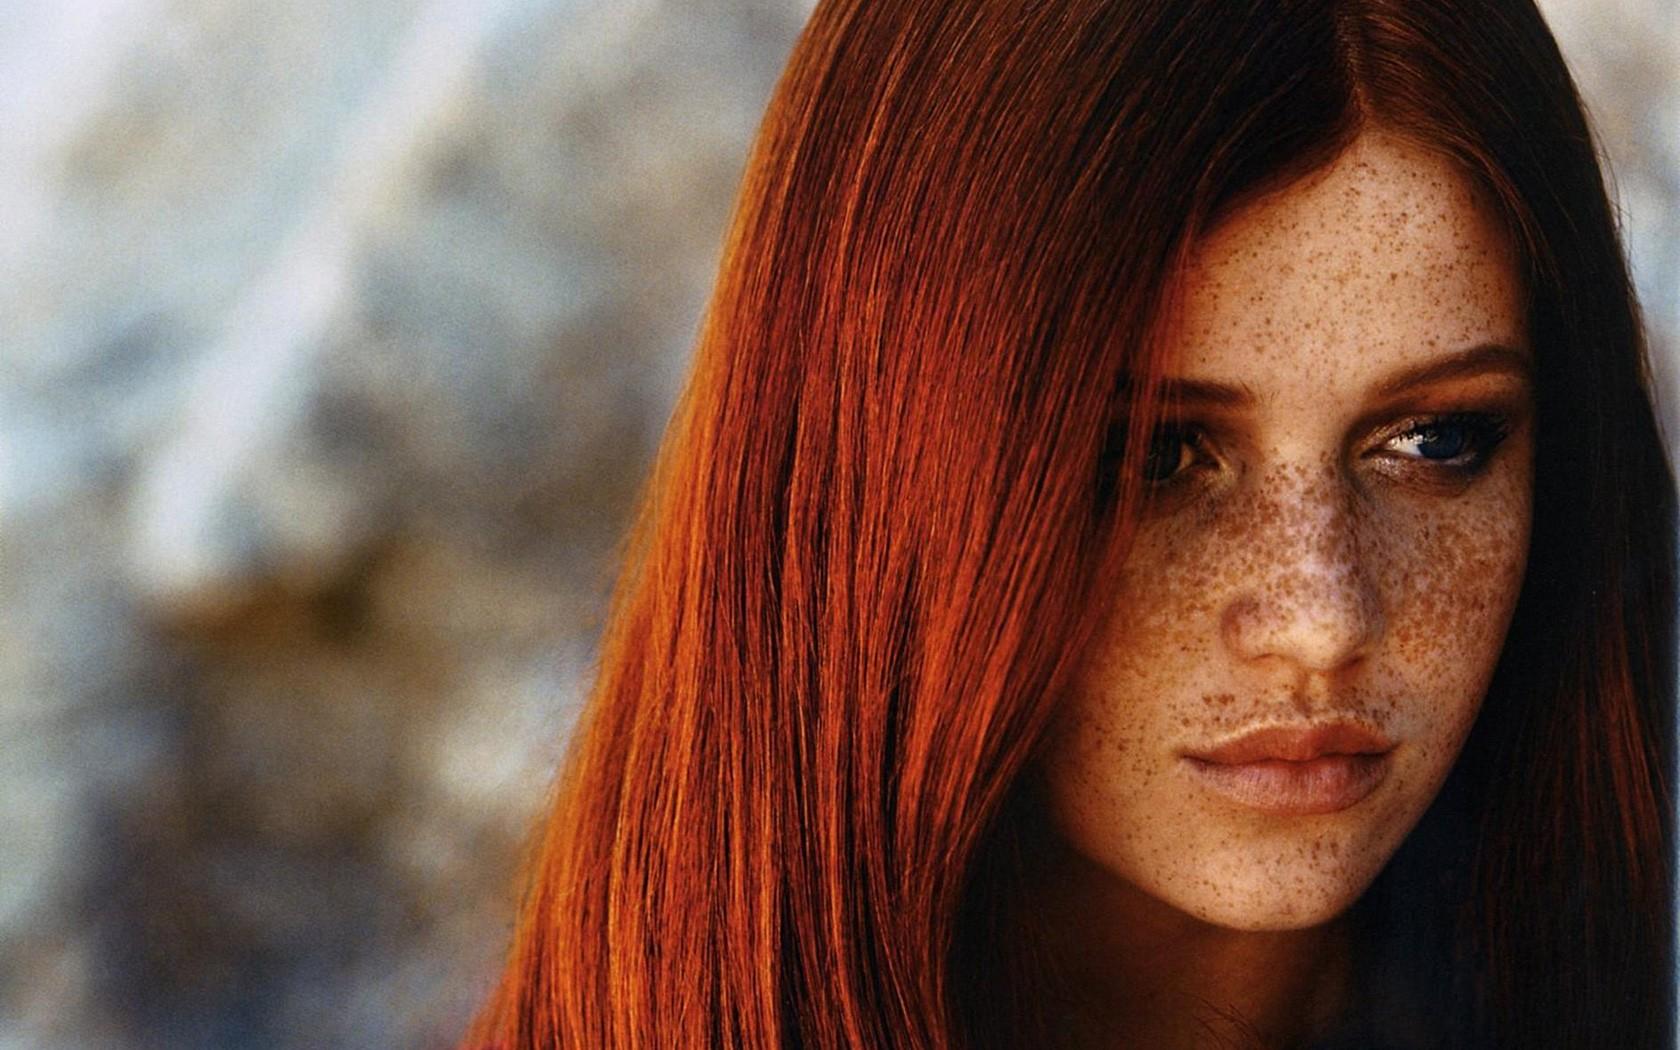 Cintia-Dicker-Freckles